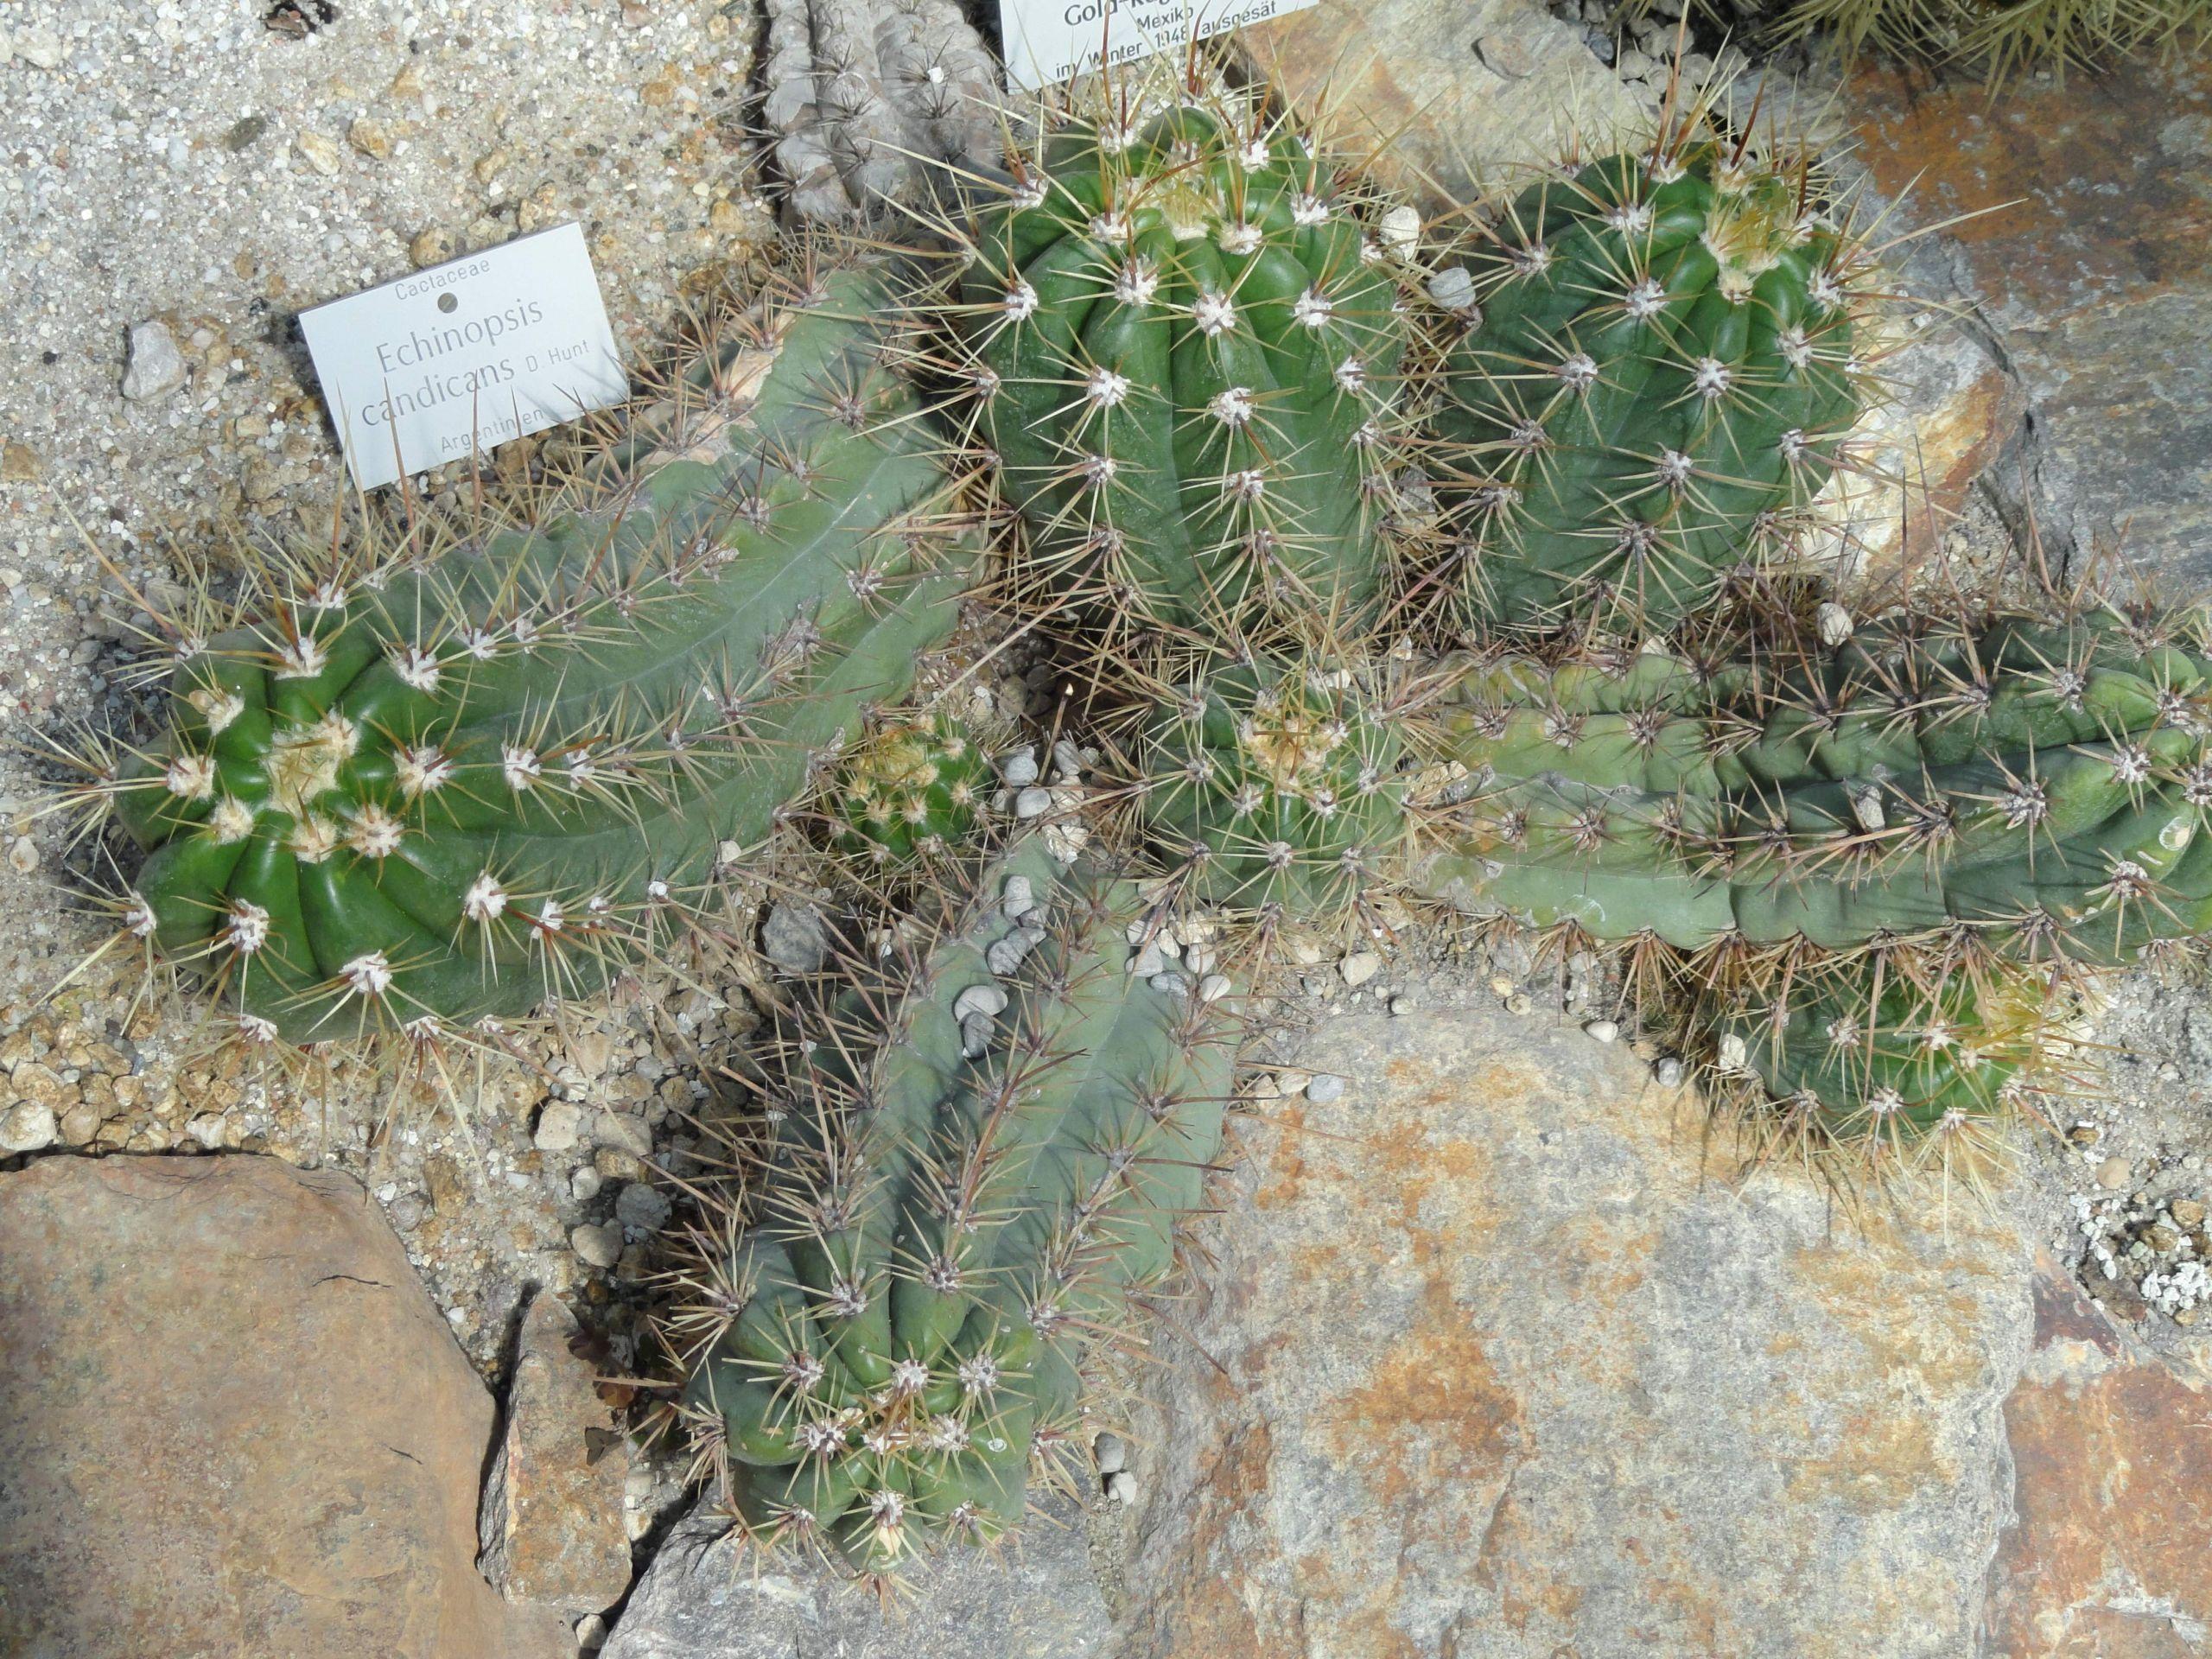 Botanischer Garten Nymphenburg Frisch Datei Echinopsis Candicans Botanischer Garten München